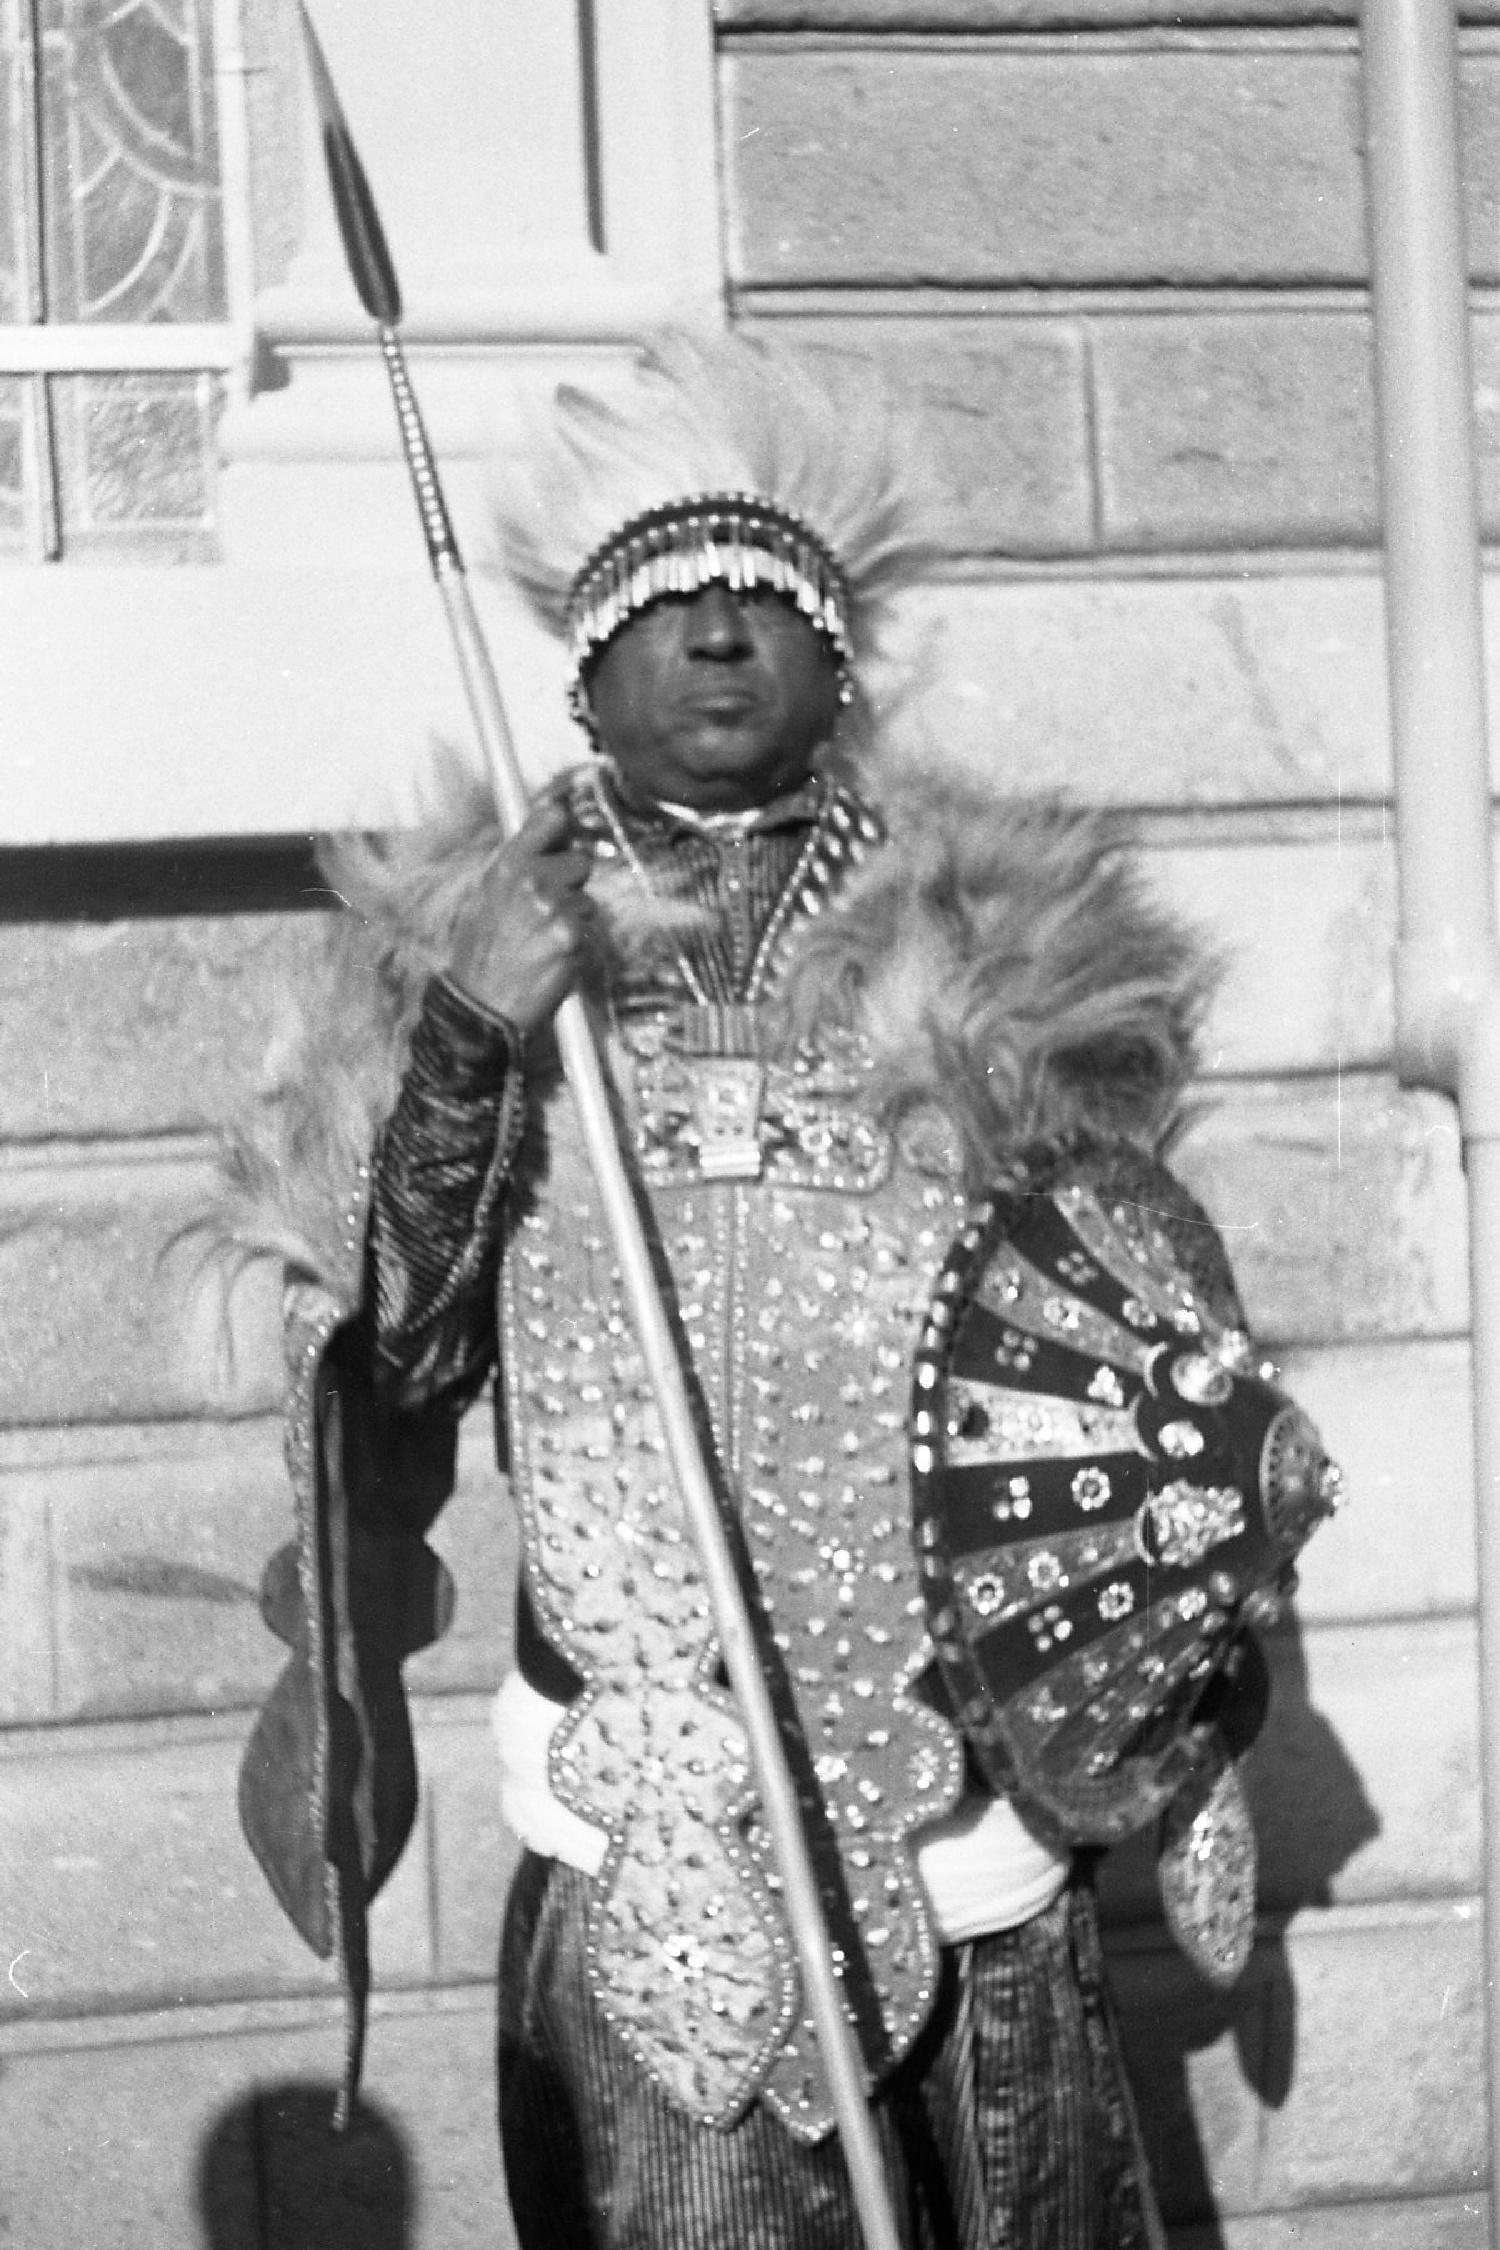 Ein Adeliger mit den Insignien eines hochgeehrten Kriegers in der Tradition des späten 19. Jahrhunderts während der Feierlichkeiten zum Silberjubiläum von Otto Bieber 1906 - 1988